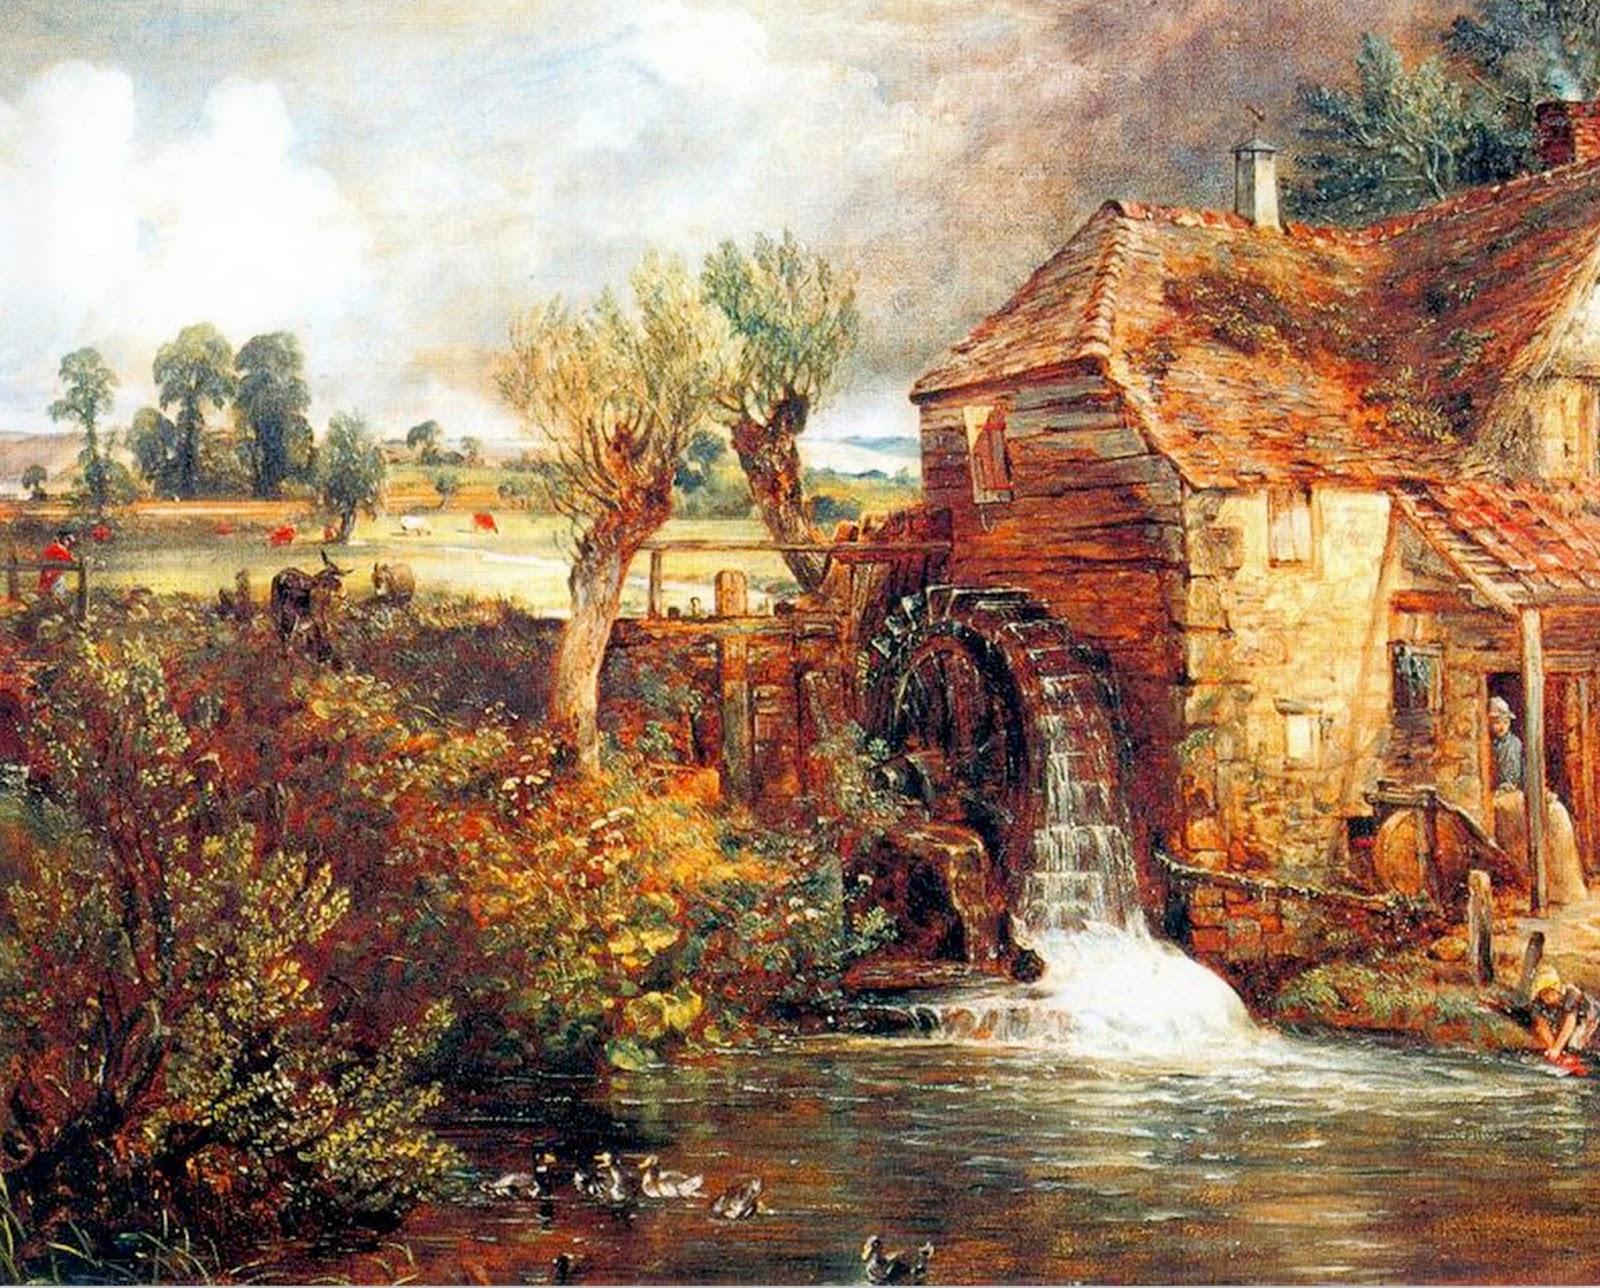 paisajes-europeos-cuadros-clasicos-al-oleo